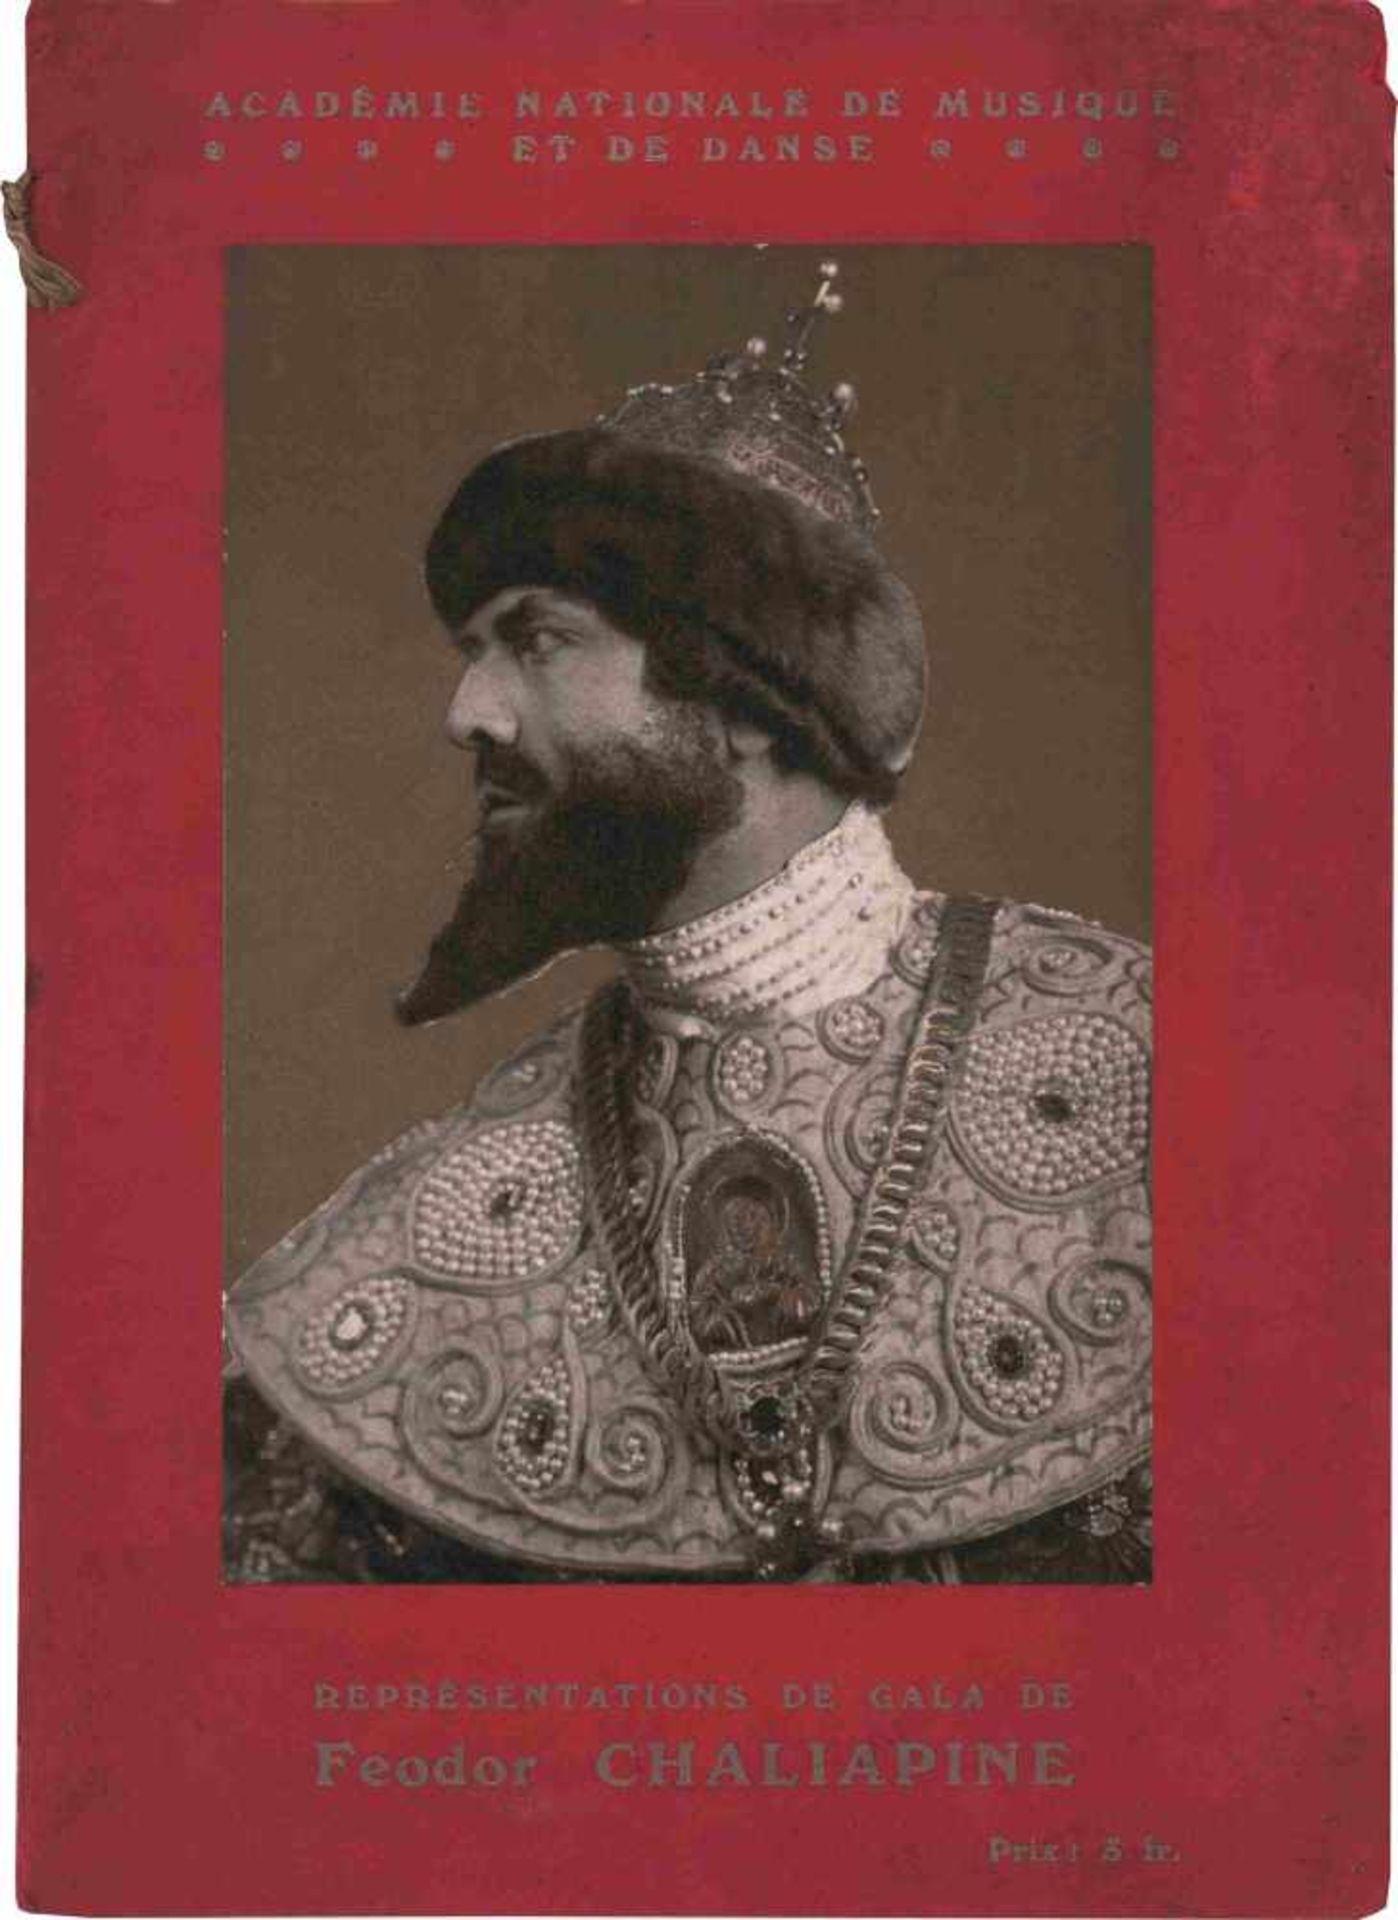 [OPERA RUSSES, CHALIAPINE] Gazette de l'Opera. [o.O.] [o.D.] 22,5 x 6,5 cm. Auf dem Umschlag